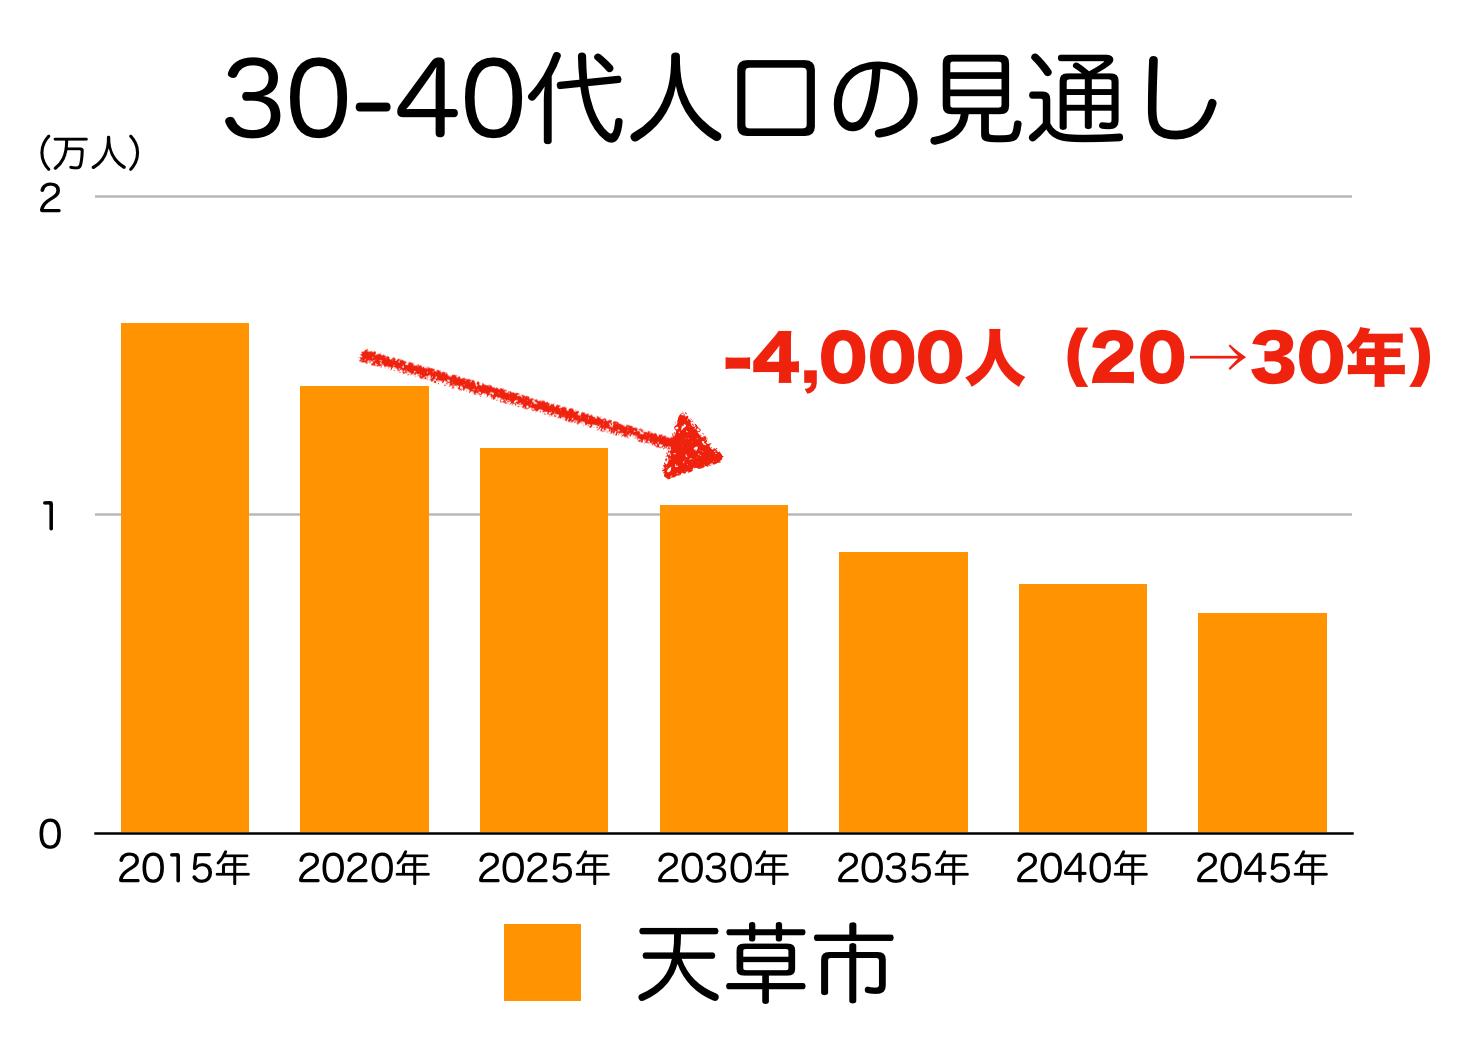 天草市の30〜40代人口の予測